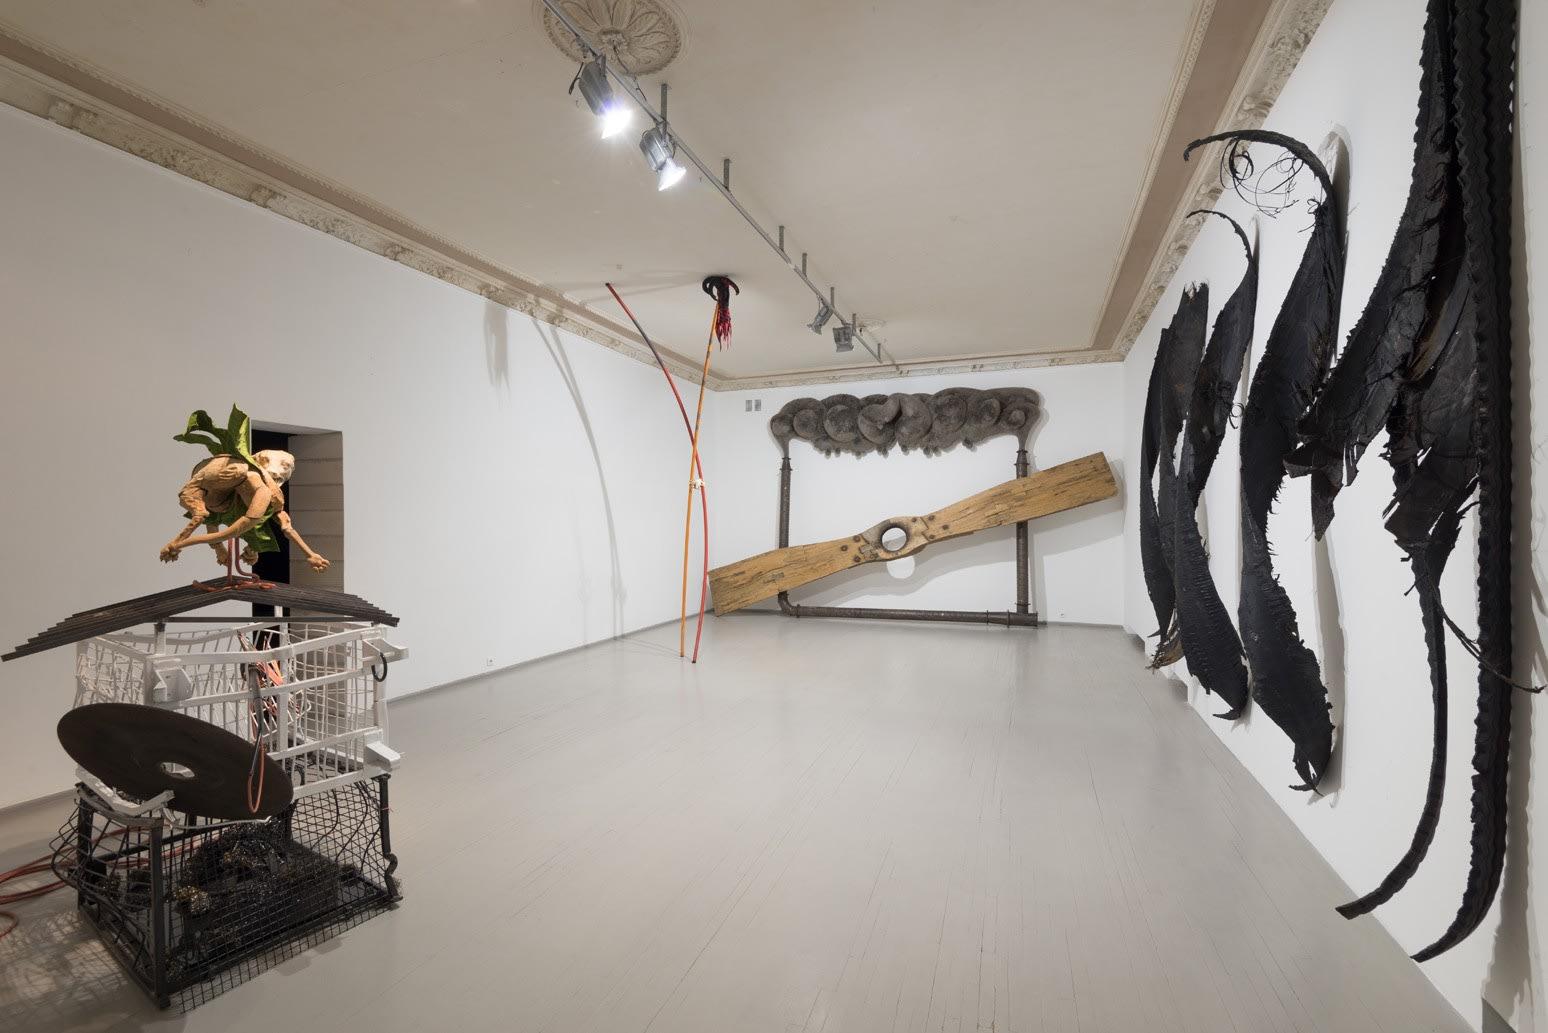 Galerija Vartai, 2018 Installation shot from Vytautas Viržbickas's solo exhibition